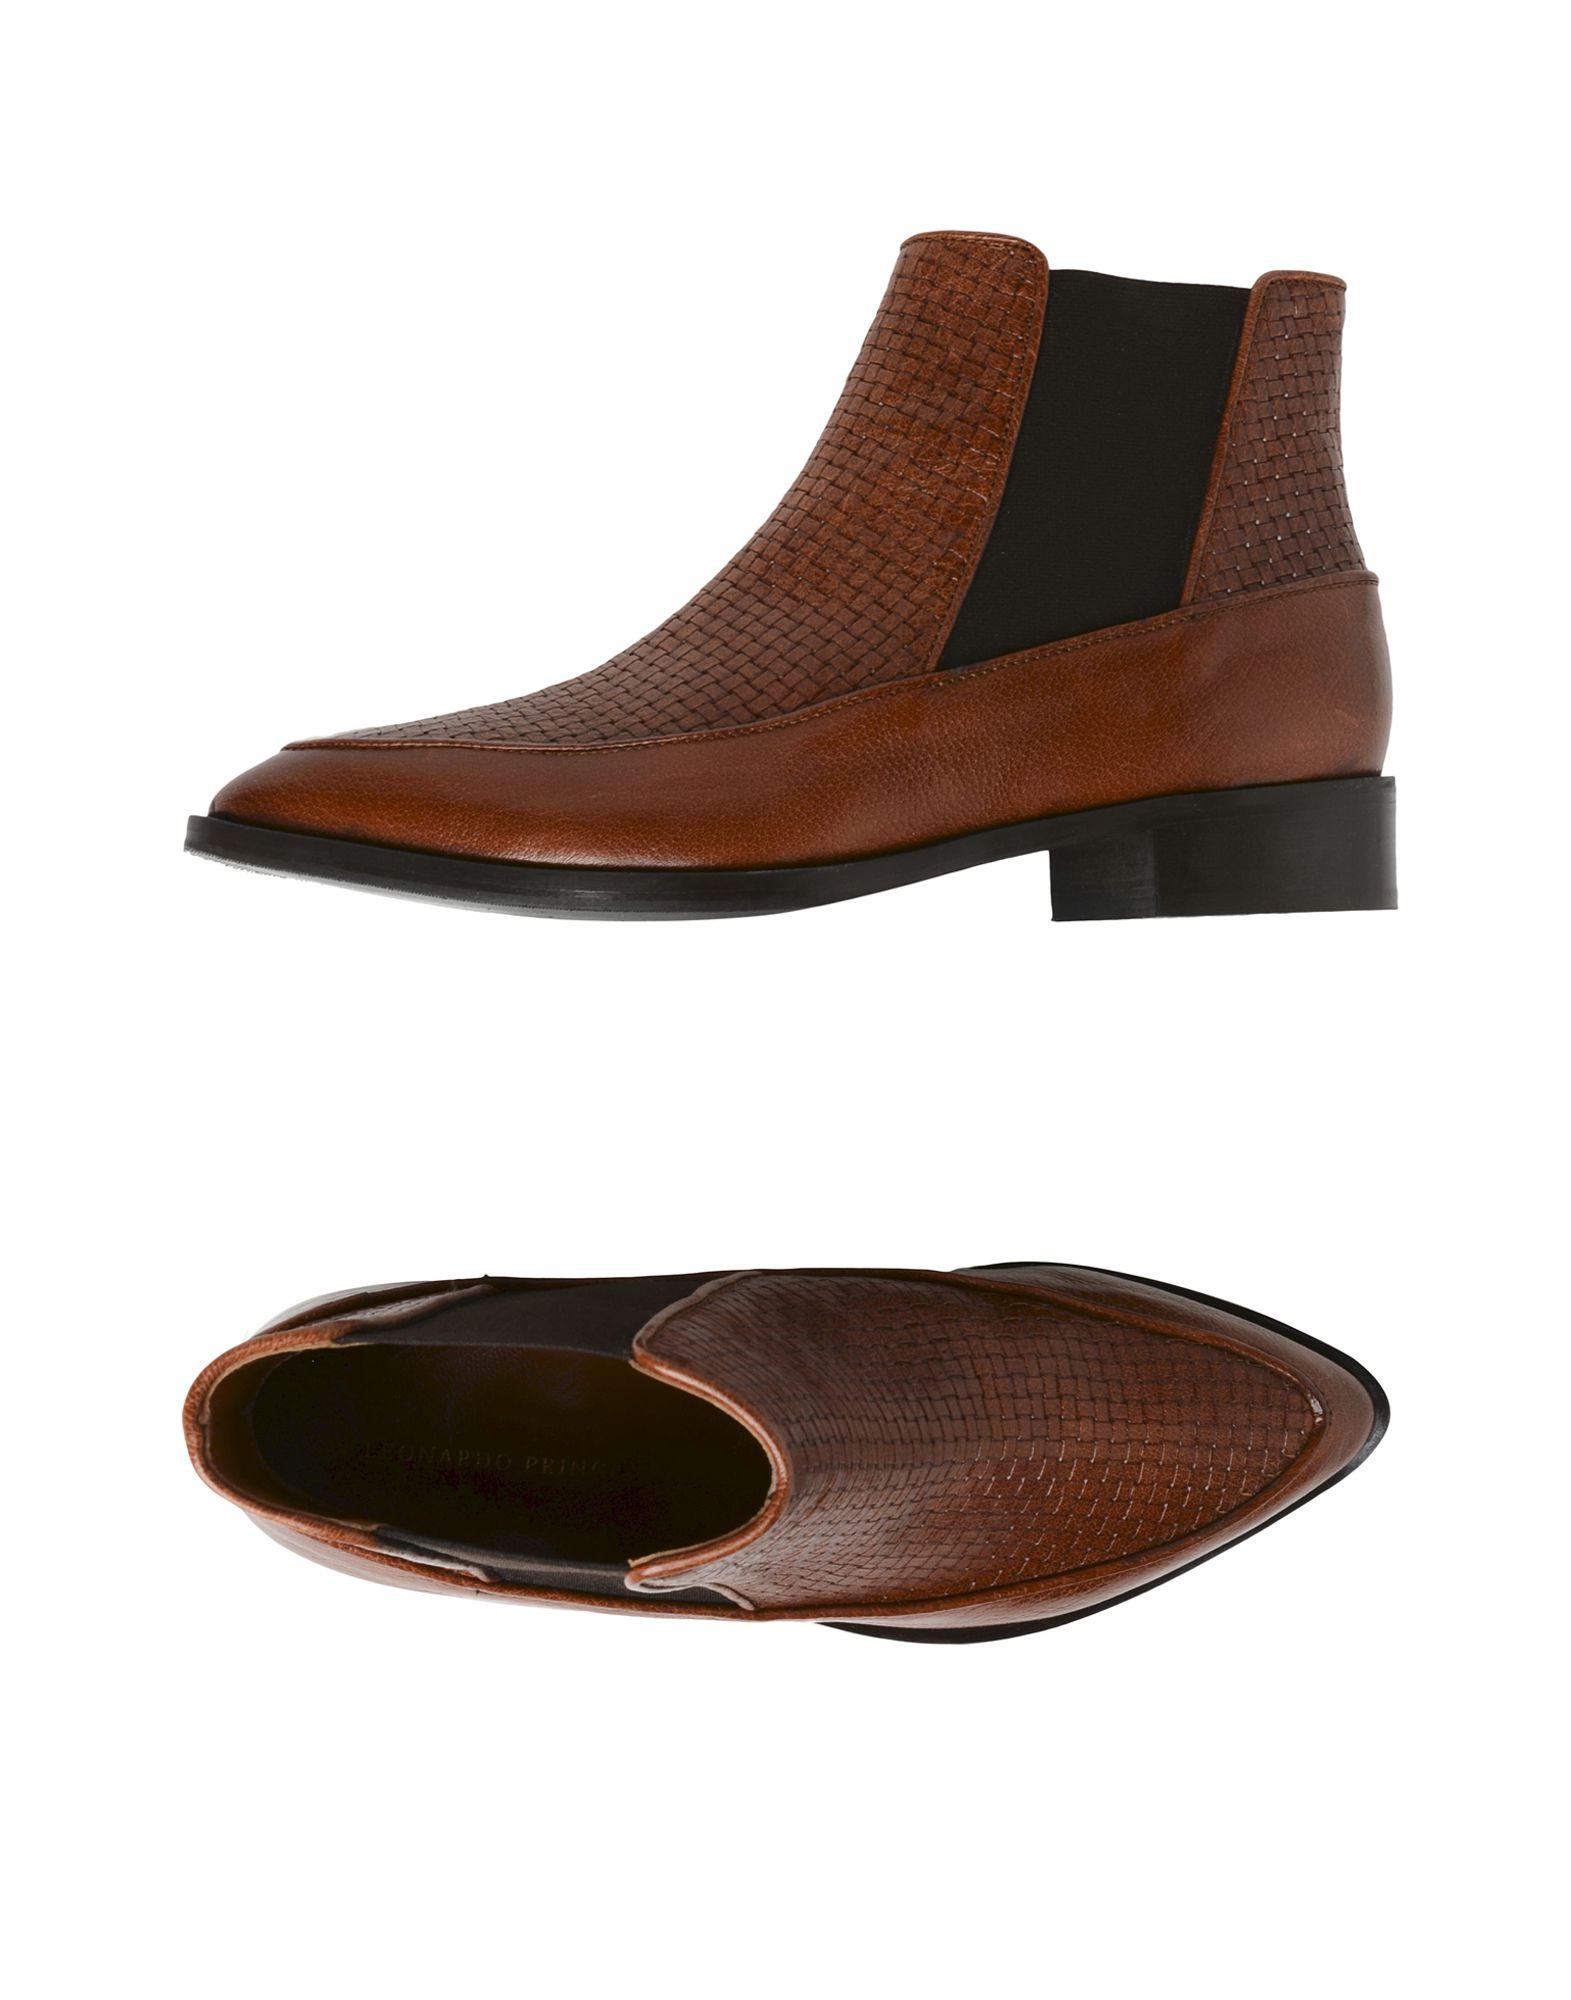 LEONARDO PRINCIPI Полусапоги и высокие ботинки купить футбольную форму челси торрес